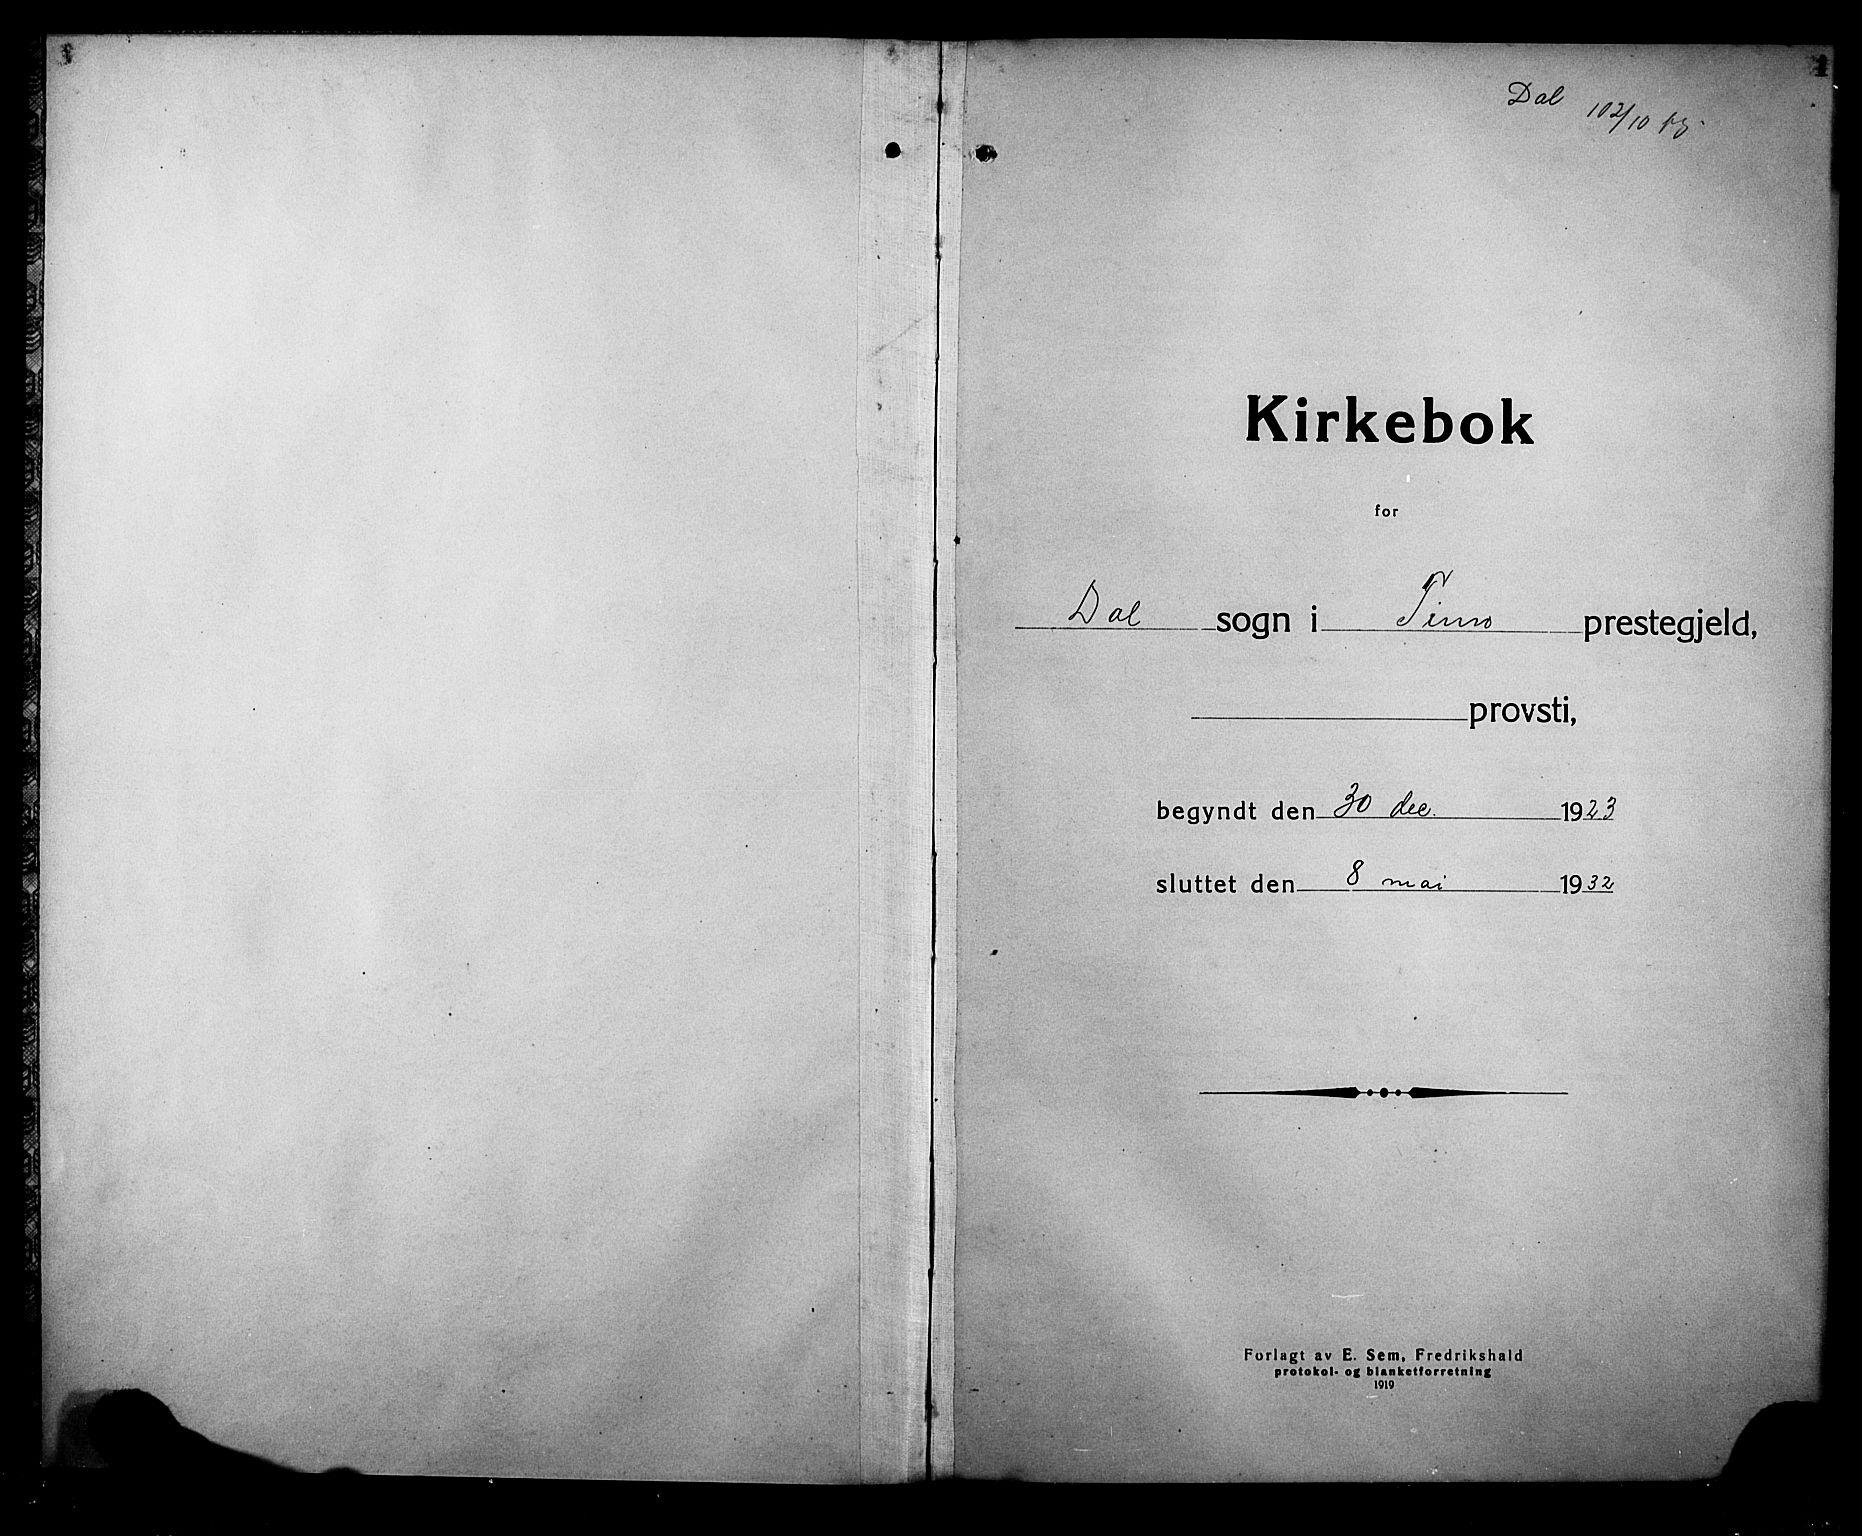 SAKO, Rjukan kirkebøker, G/Ga/L0004: Klokkerbok nr. 4, 1923-1932, s. 1